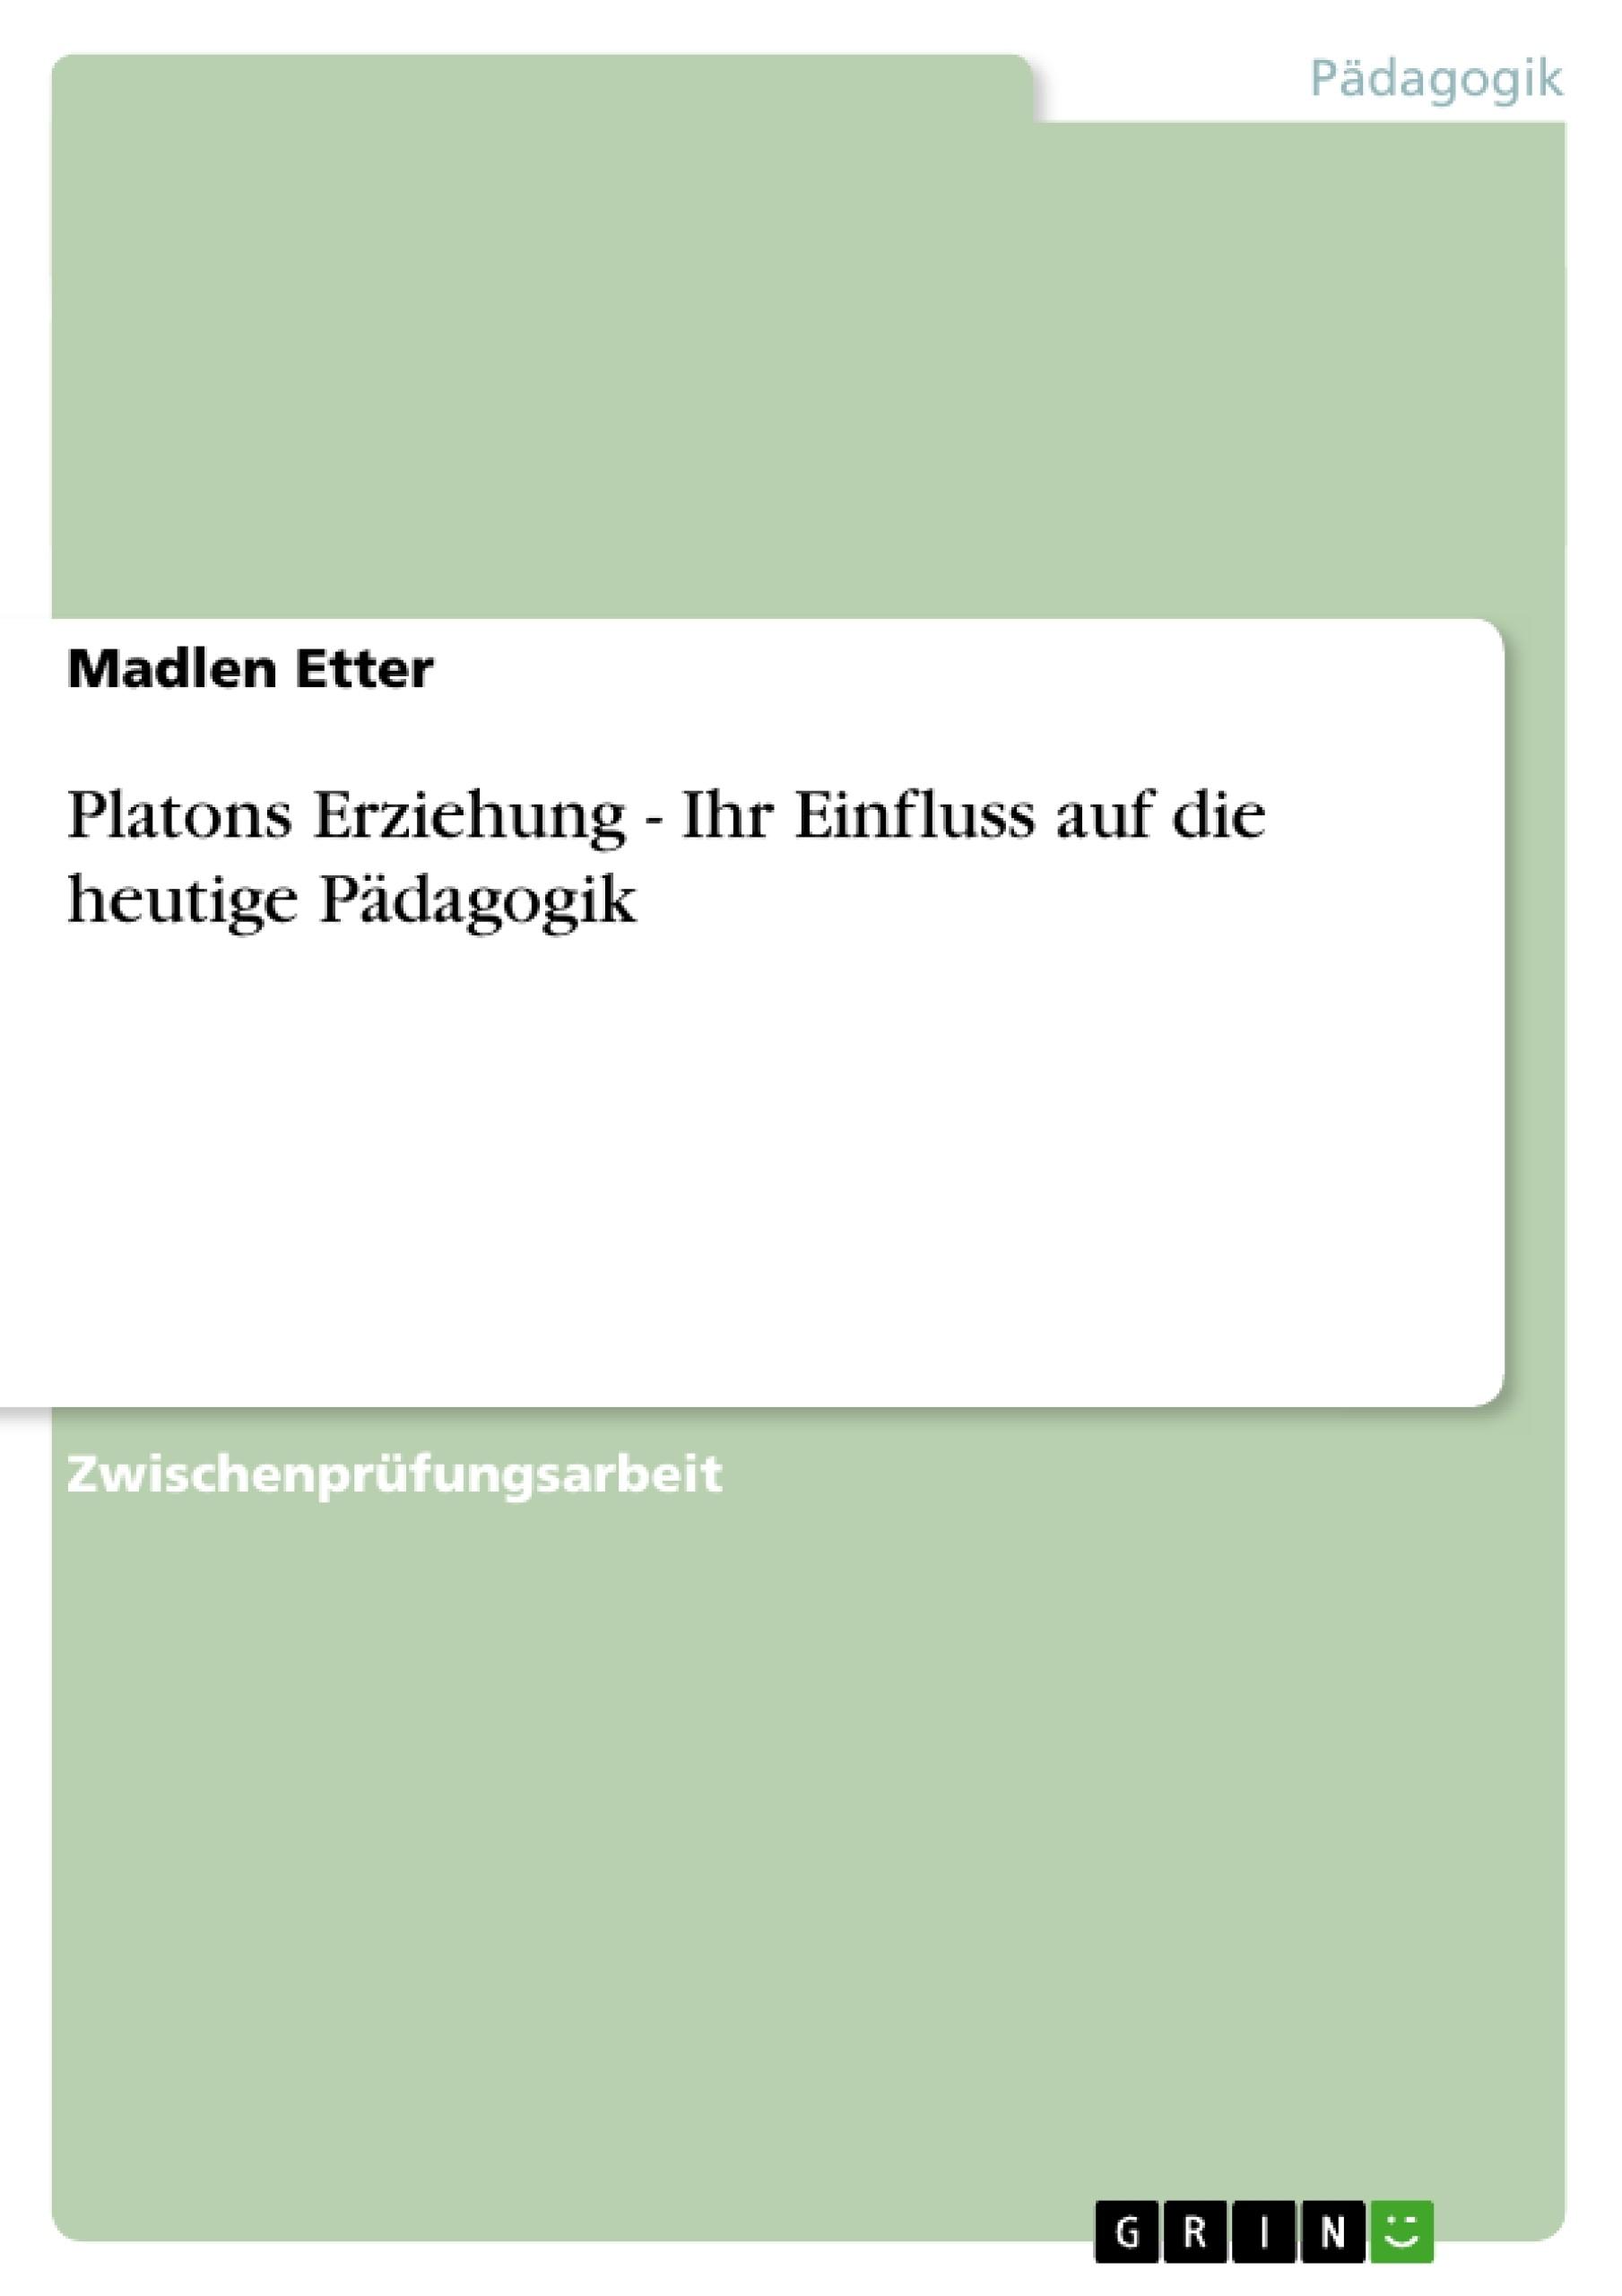 Titel: Platons Erziehung - Ihr Einfluss auf die heutige Pädagogik